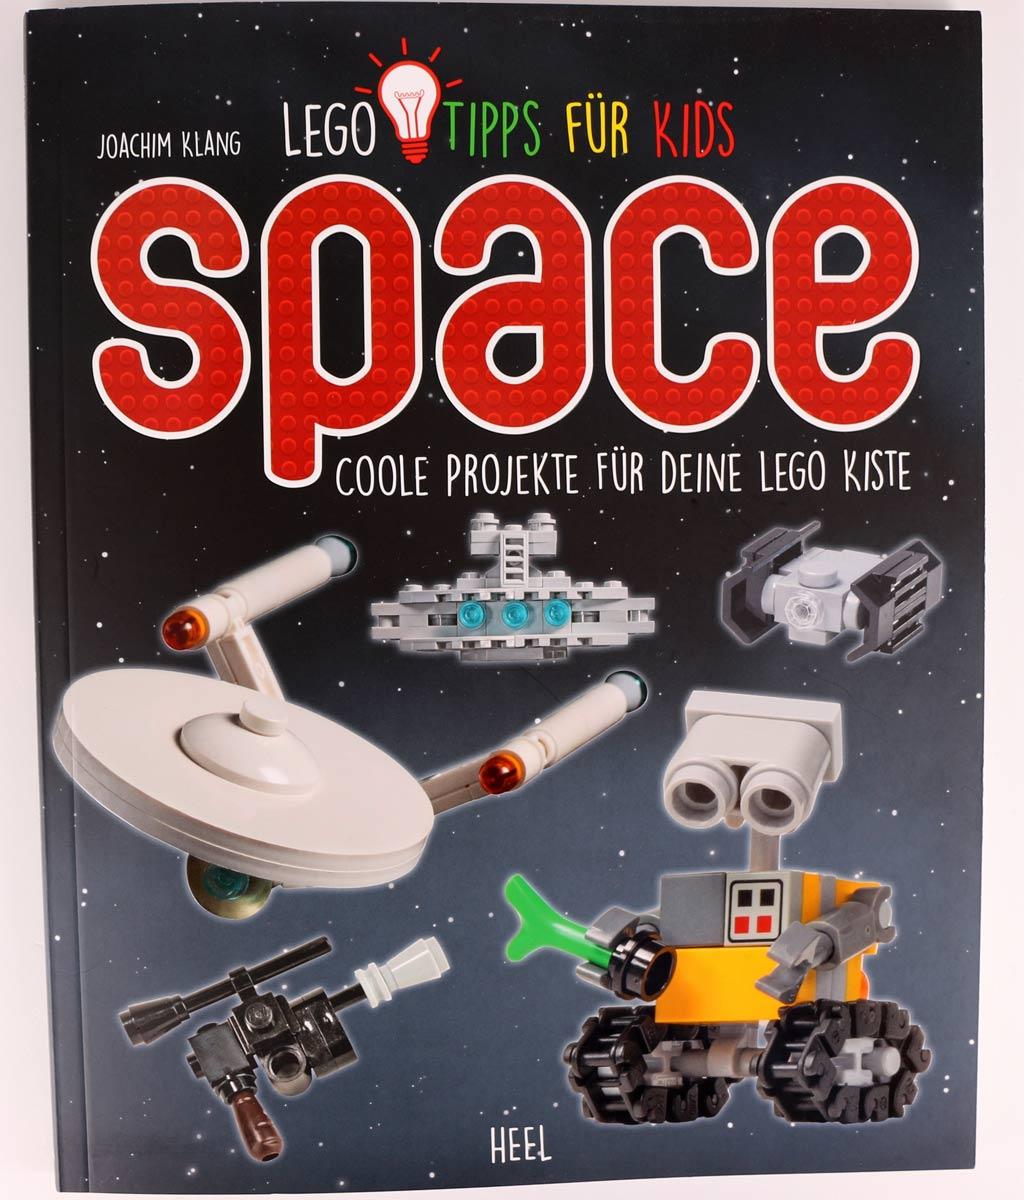 Joachim Klang: LEGO Tipps für Kids – Space – Coole Projekte für Deine LEGO Kiste | © zusammengebaut.com